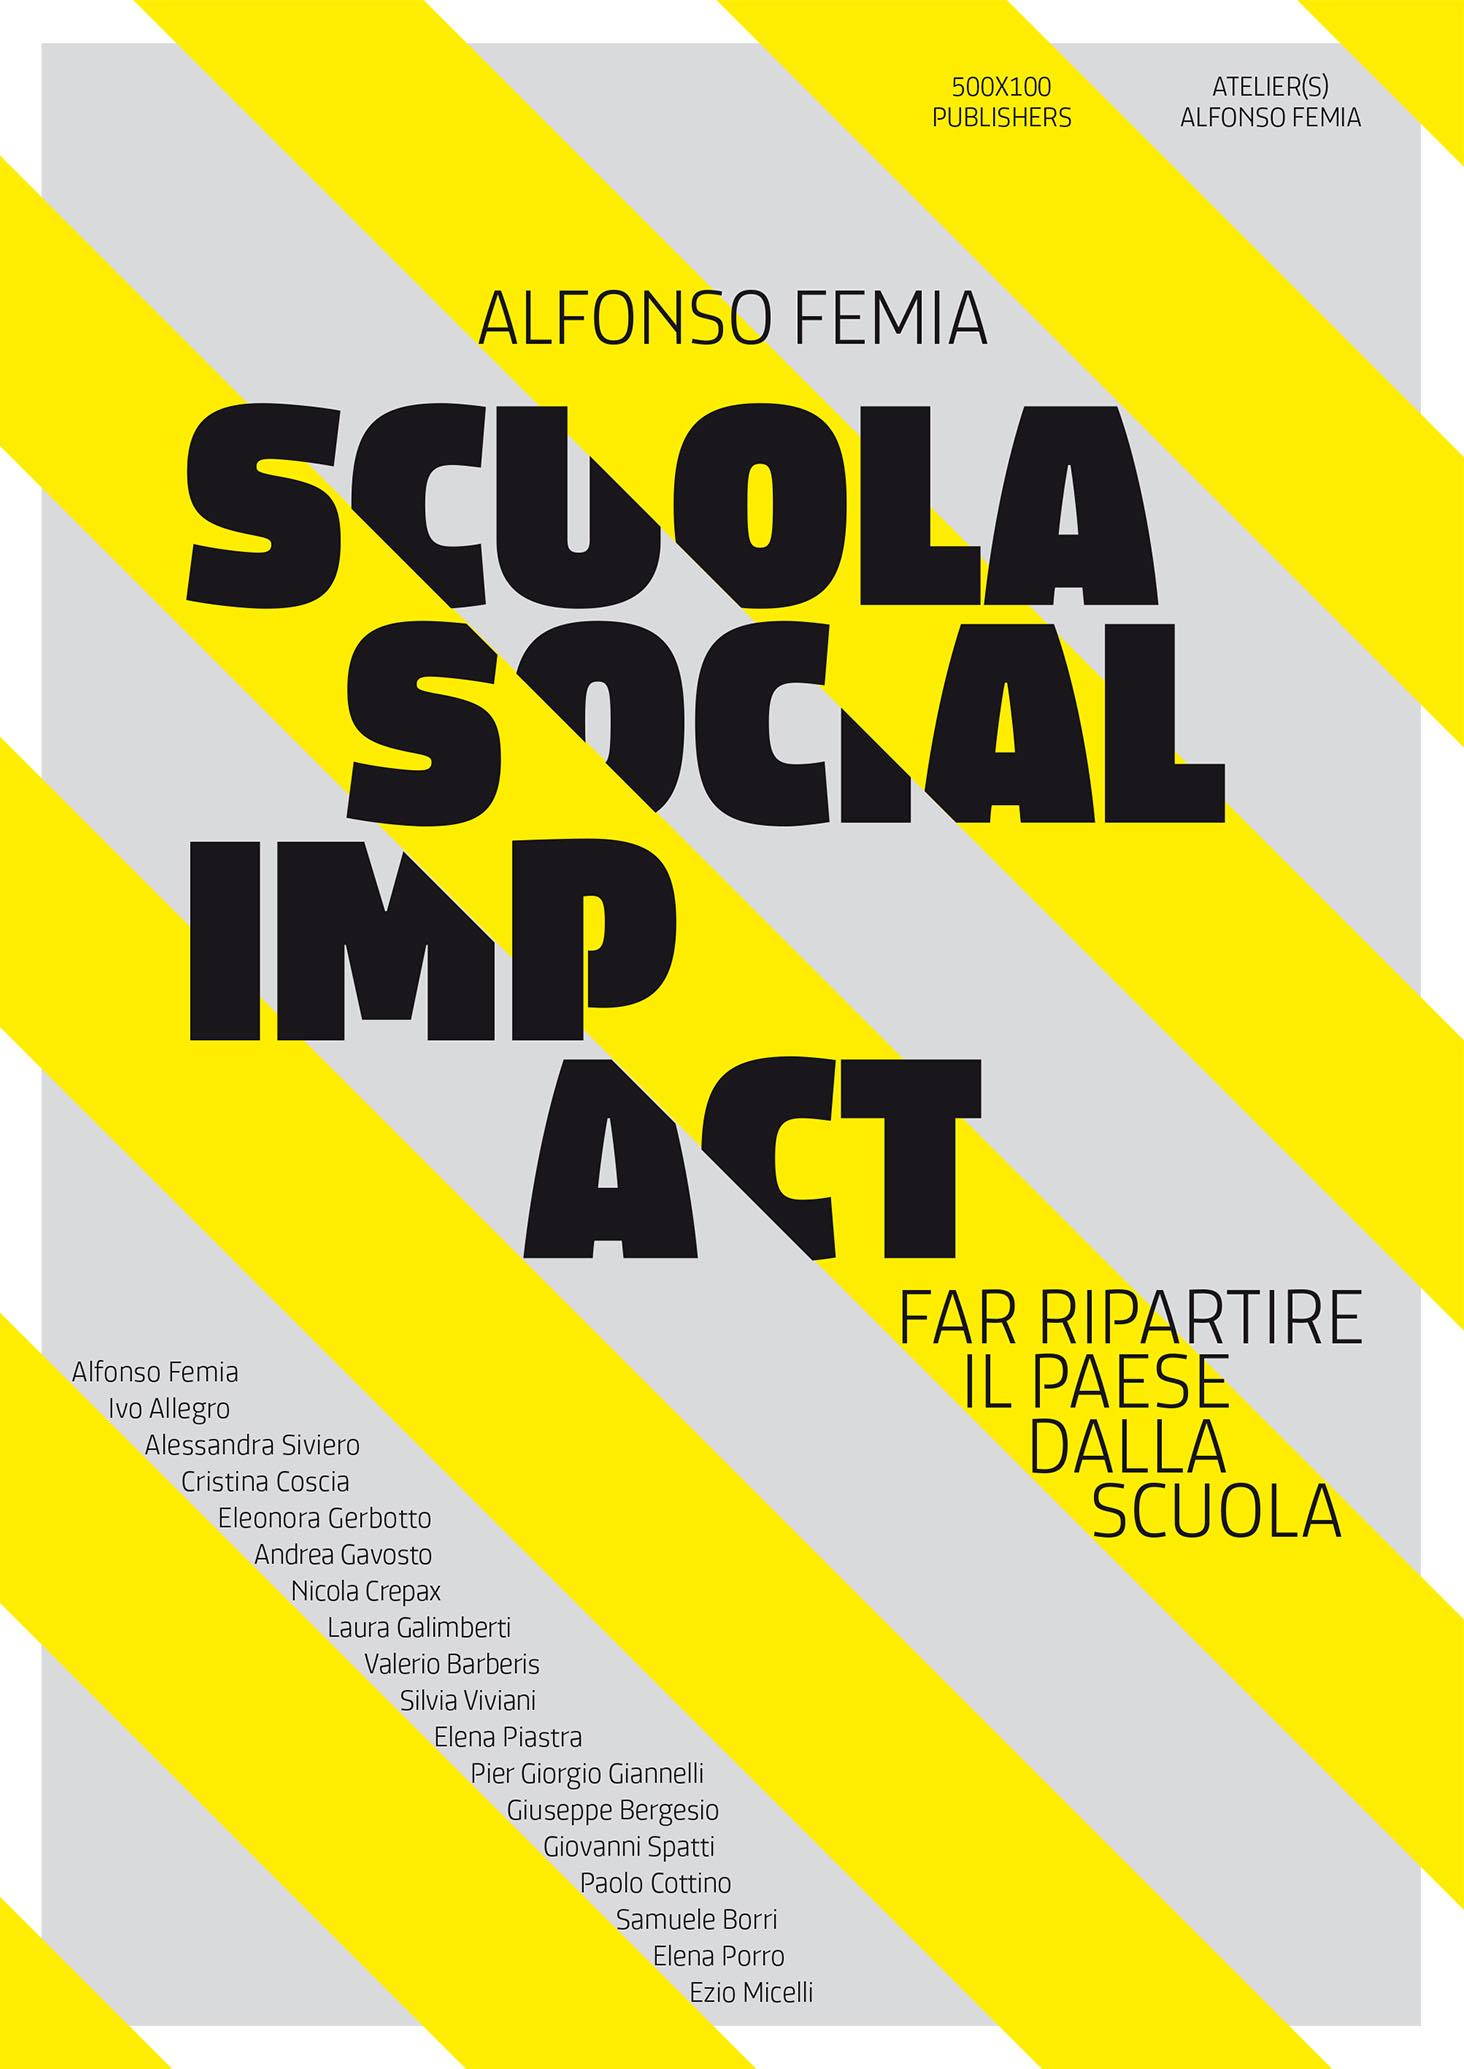 Scuola Social Impact, l'Italia riparte dall'edilizia scolastica